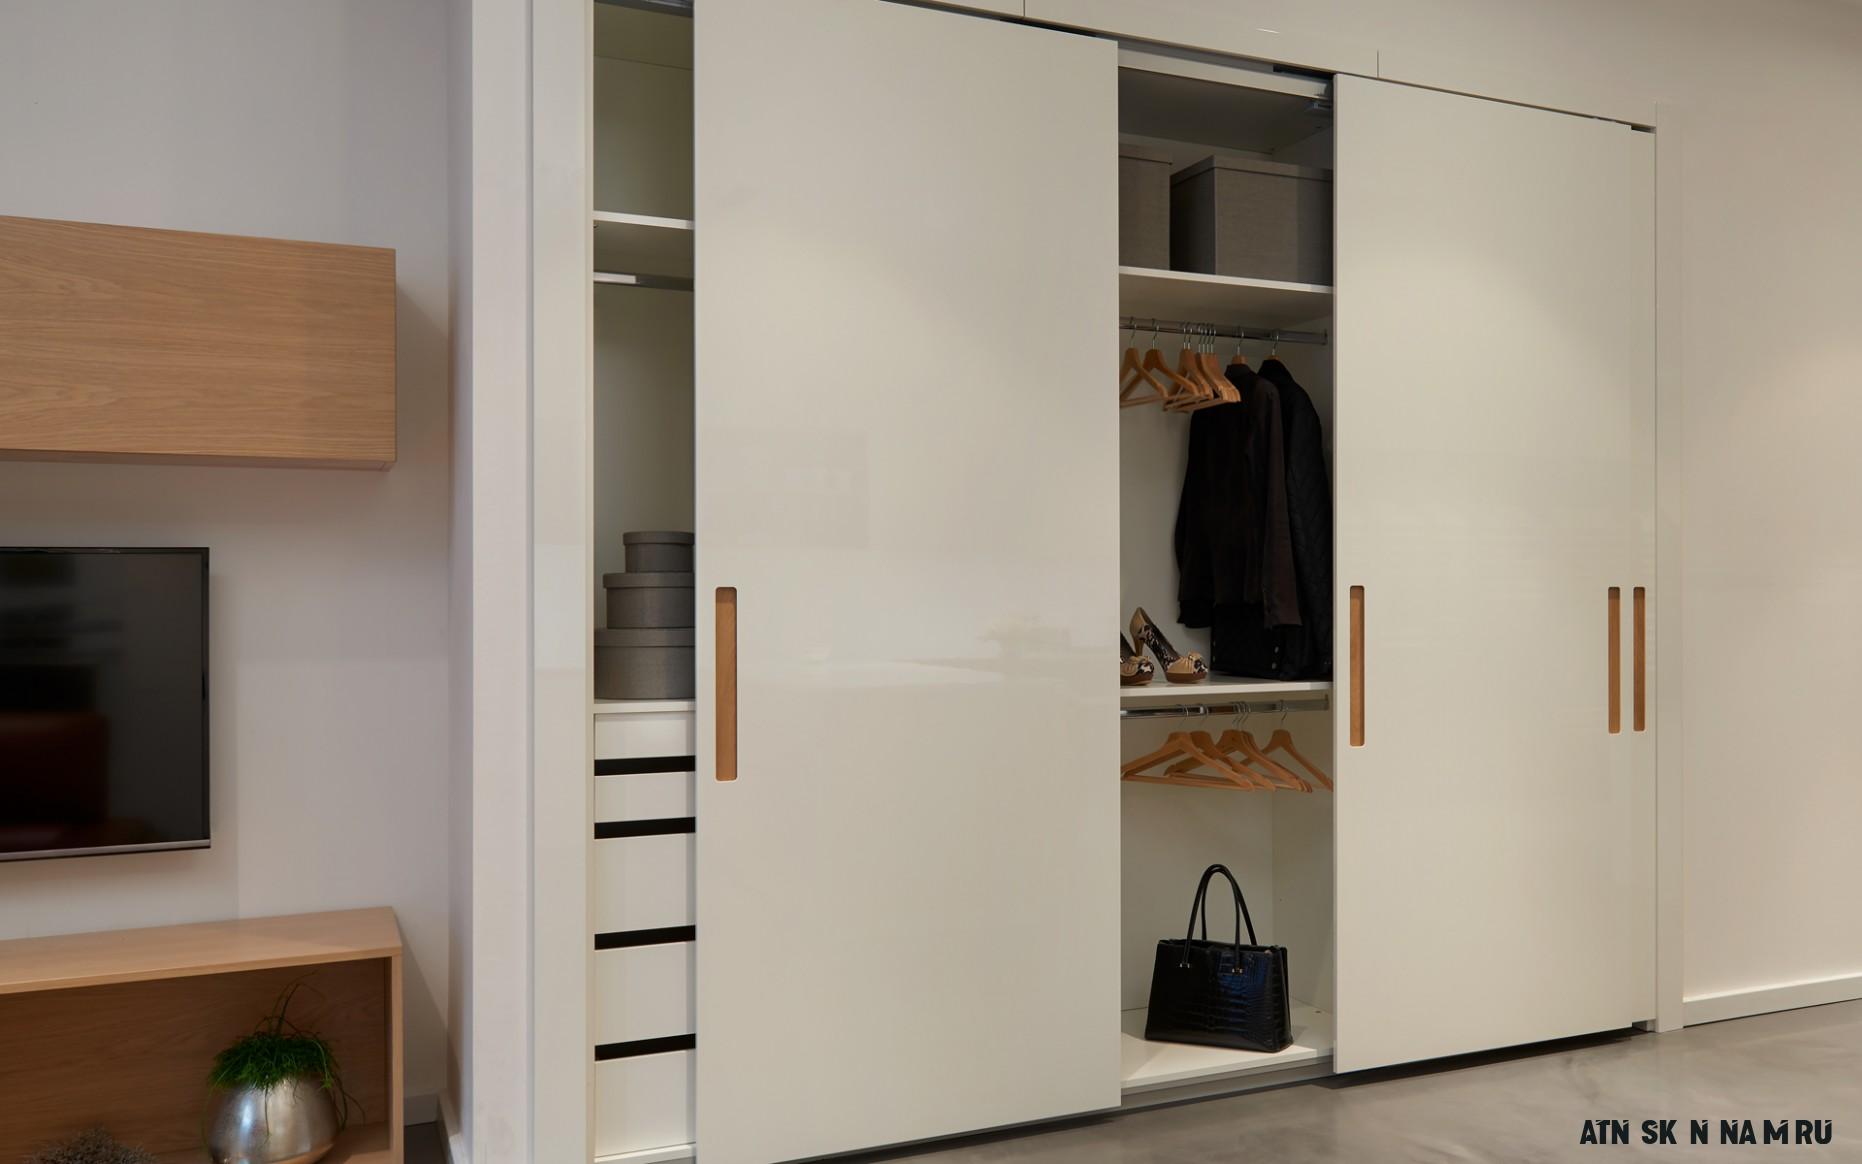 Šatny a skříně  HANÁK - Moderní šatní skříně a šatny